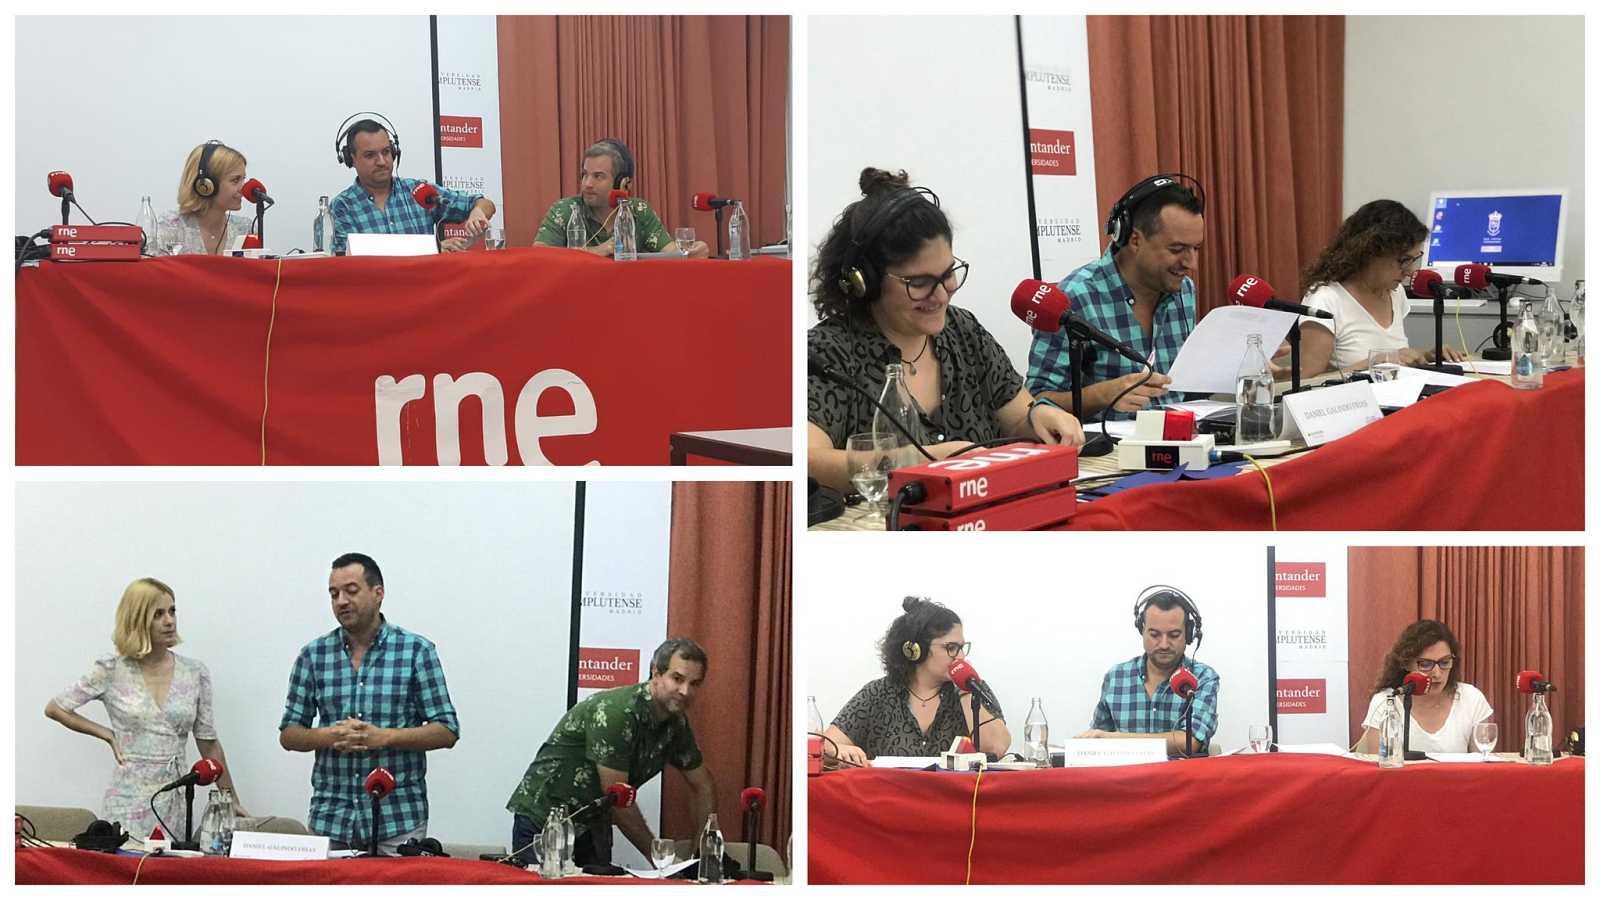 La Sala - Los entresijos de La sala desde los Cursos de Verano de la Complutense en San Lorenzo de El Escorial - 21/07/19 - escuchar ahora